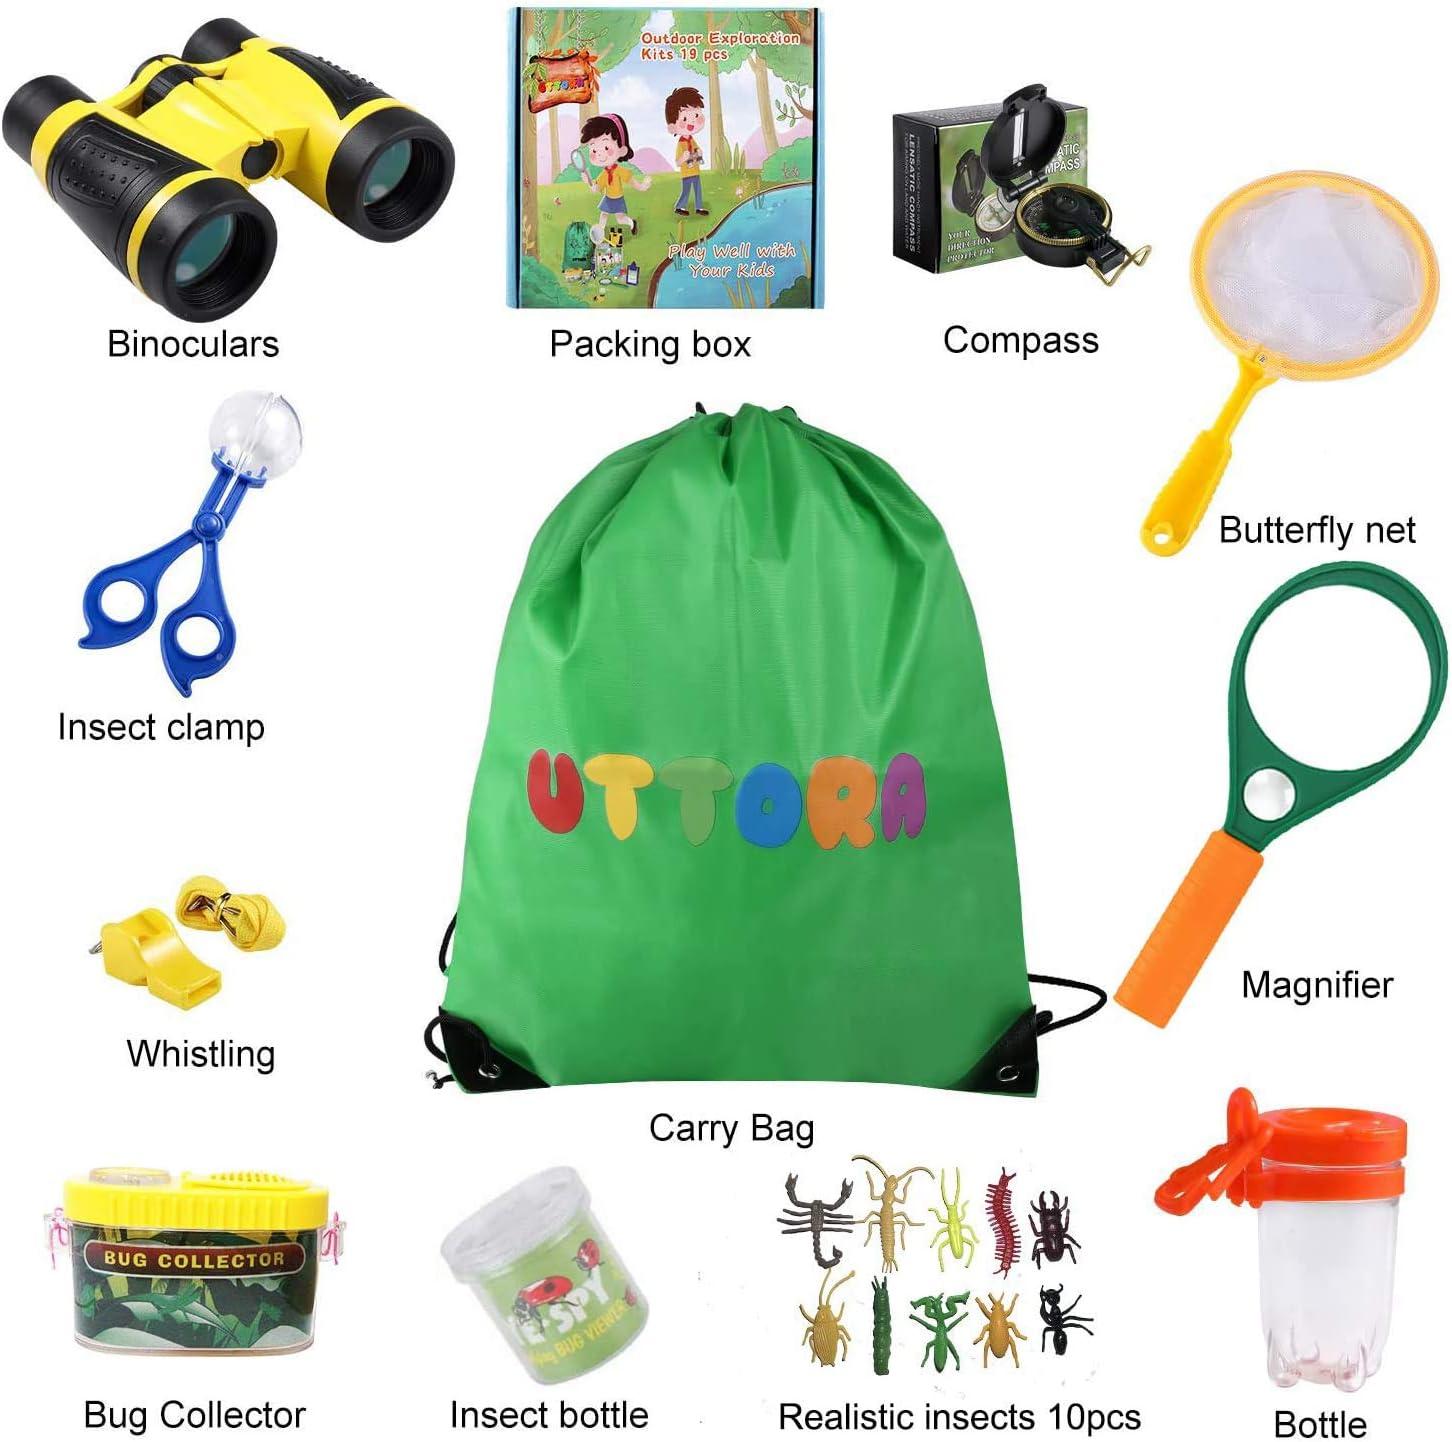 UTTORA Prismaticos niños,Kit de Binoculares para Niños ,Regalos para niños,Kit Explorador niños,Juguetes niños 3-12 de Aventura al Aire Libre Juguetes educativos(22Piezas): Amazon.es: Juguetes y juegos